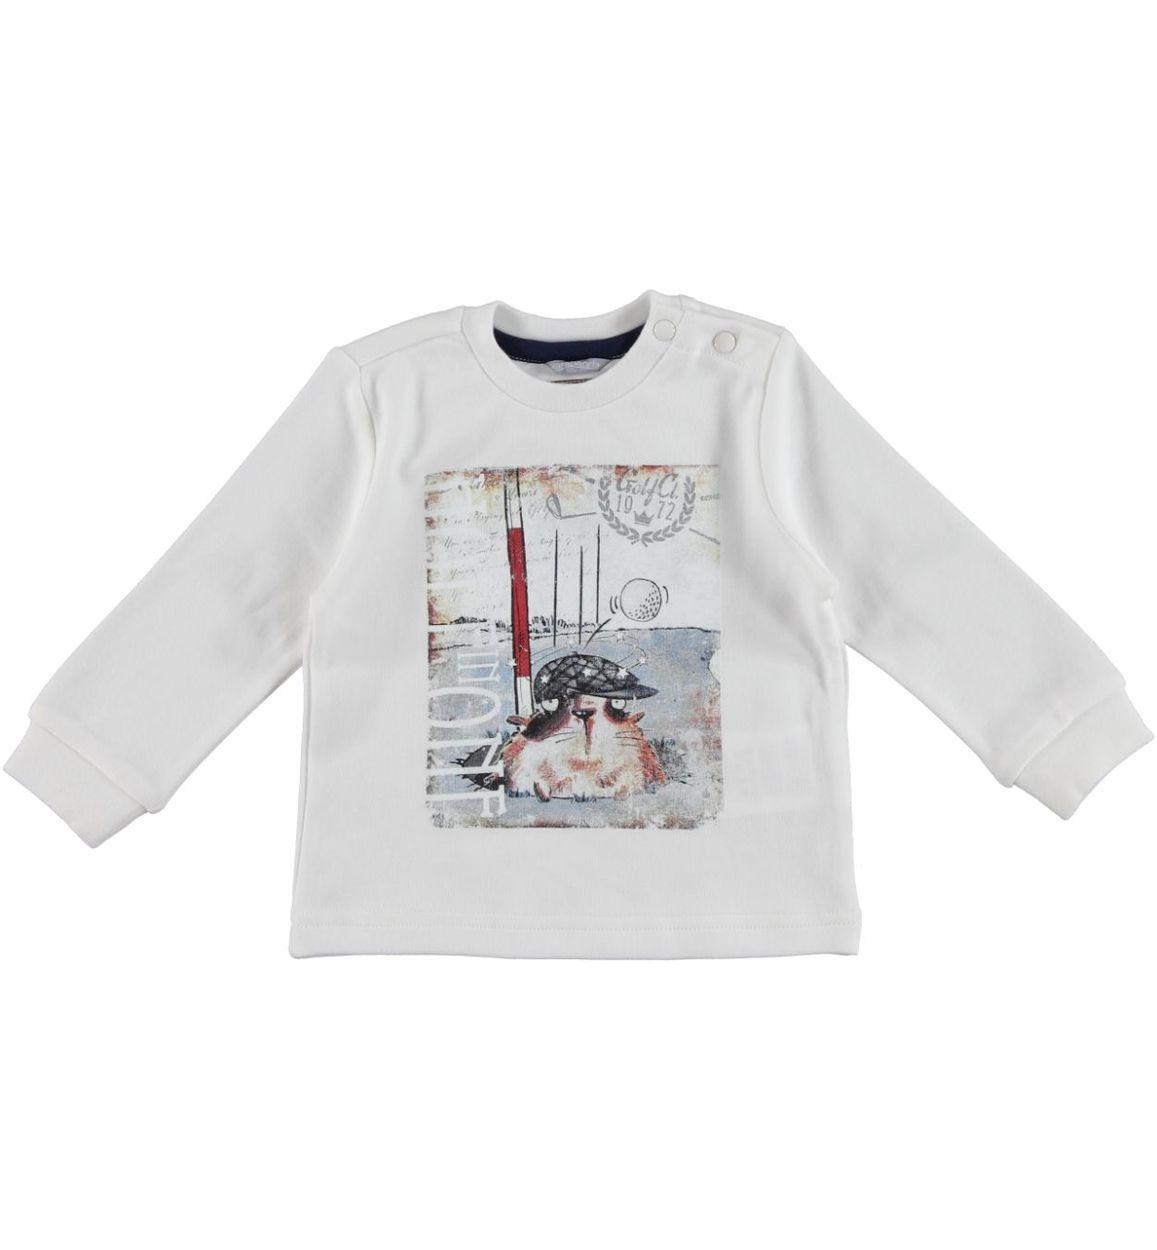 a64846d099 Maglietta in interlock 100% cotone con cucciolo per bambino da 6 mesi a 7  anni Sarabanda